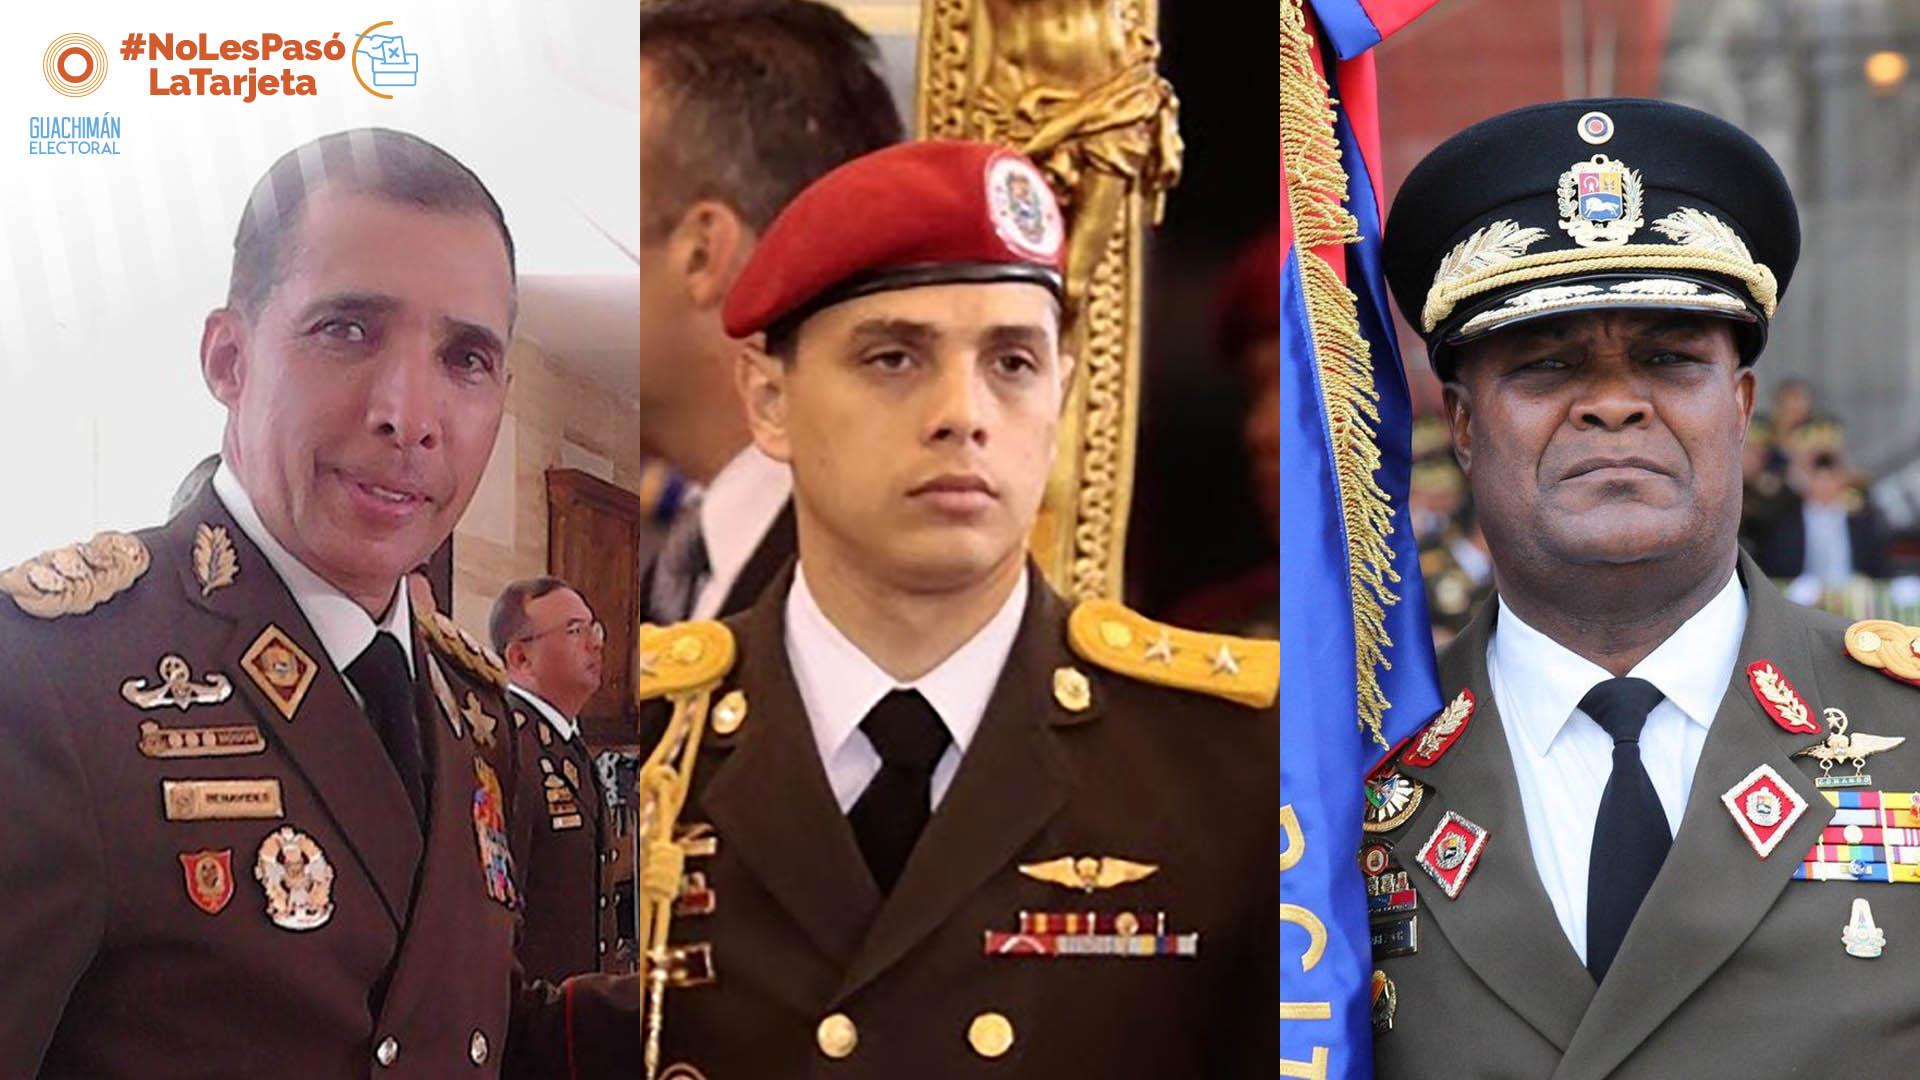 NoLesPasóLaTarjeta   Militares señalados de represores buscan inmunidad